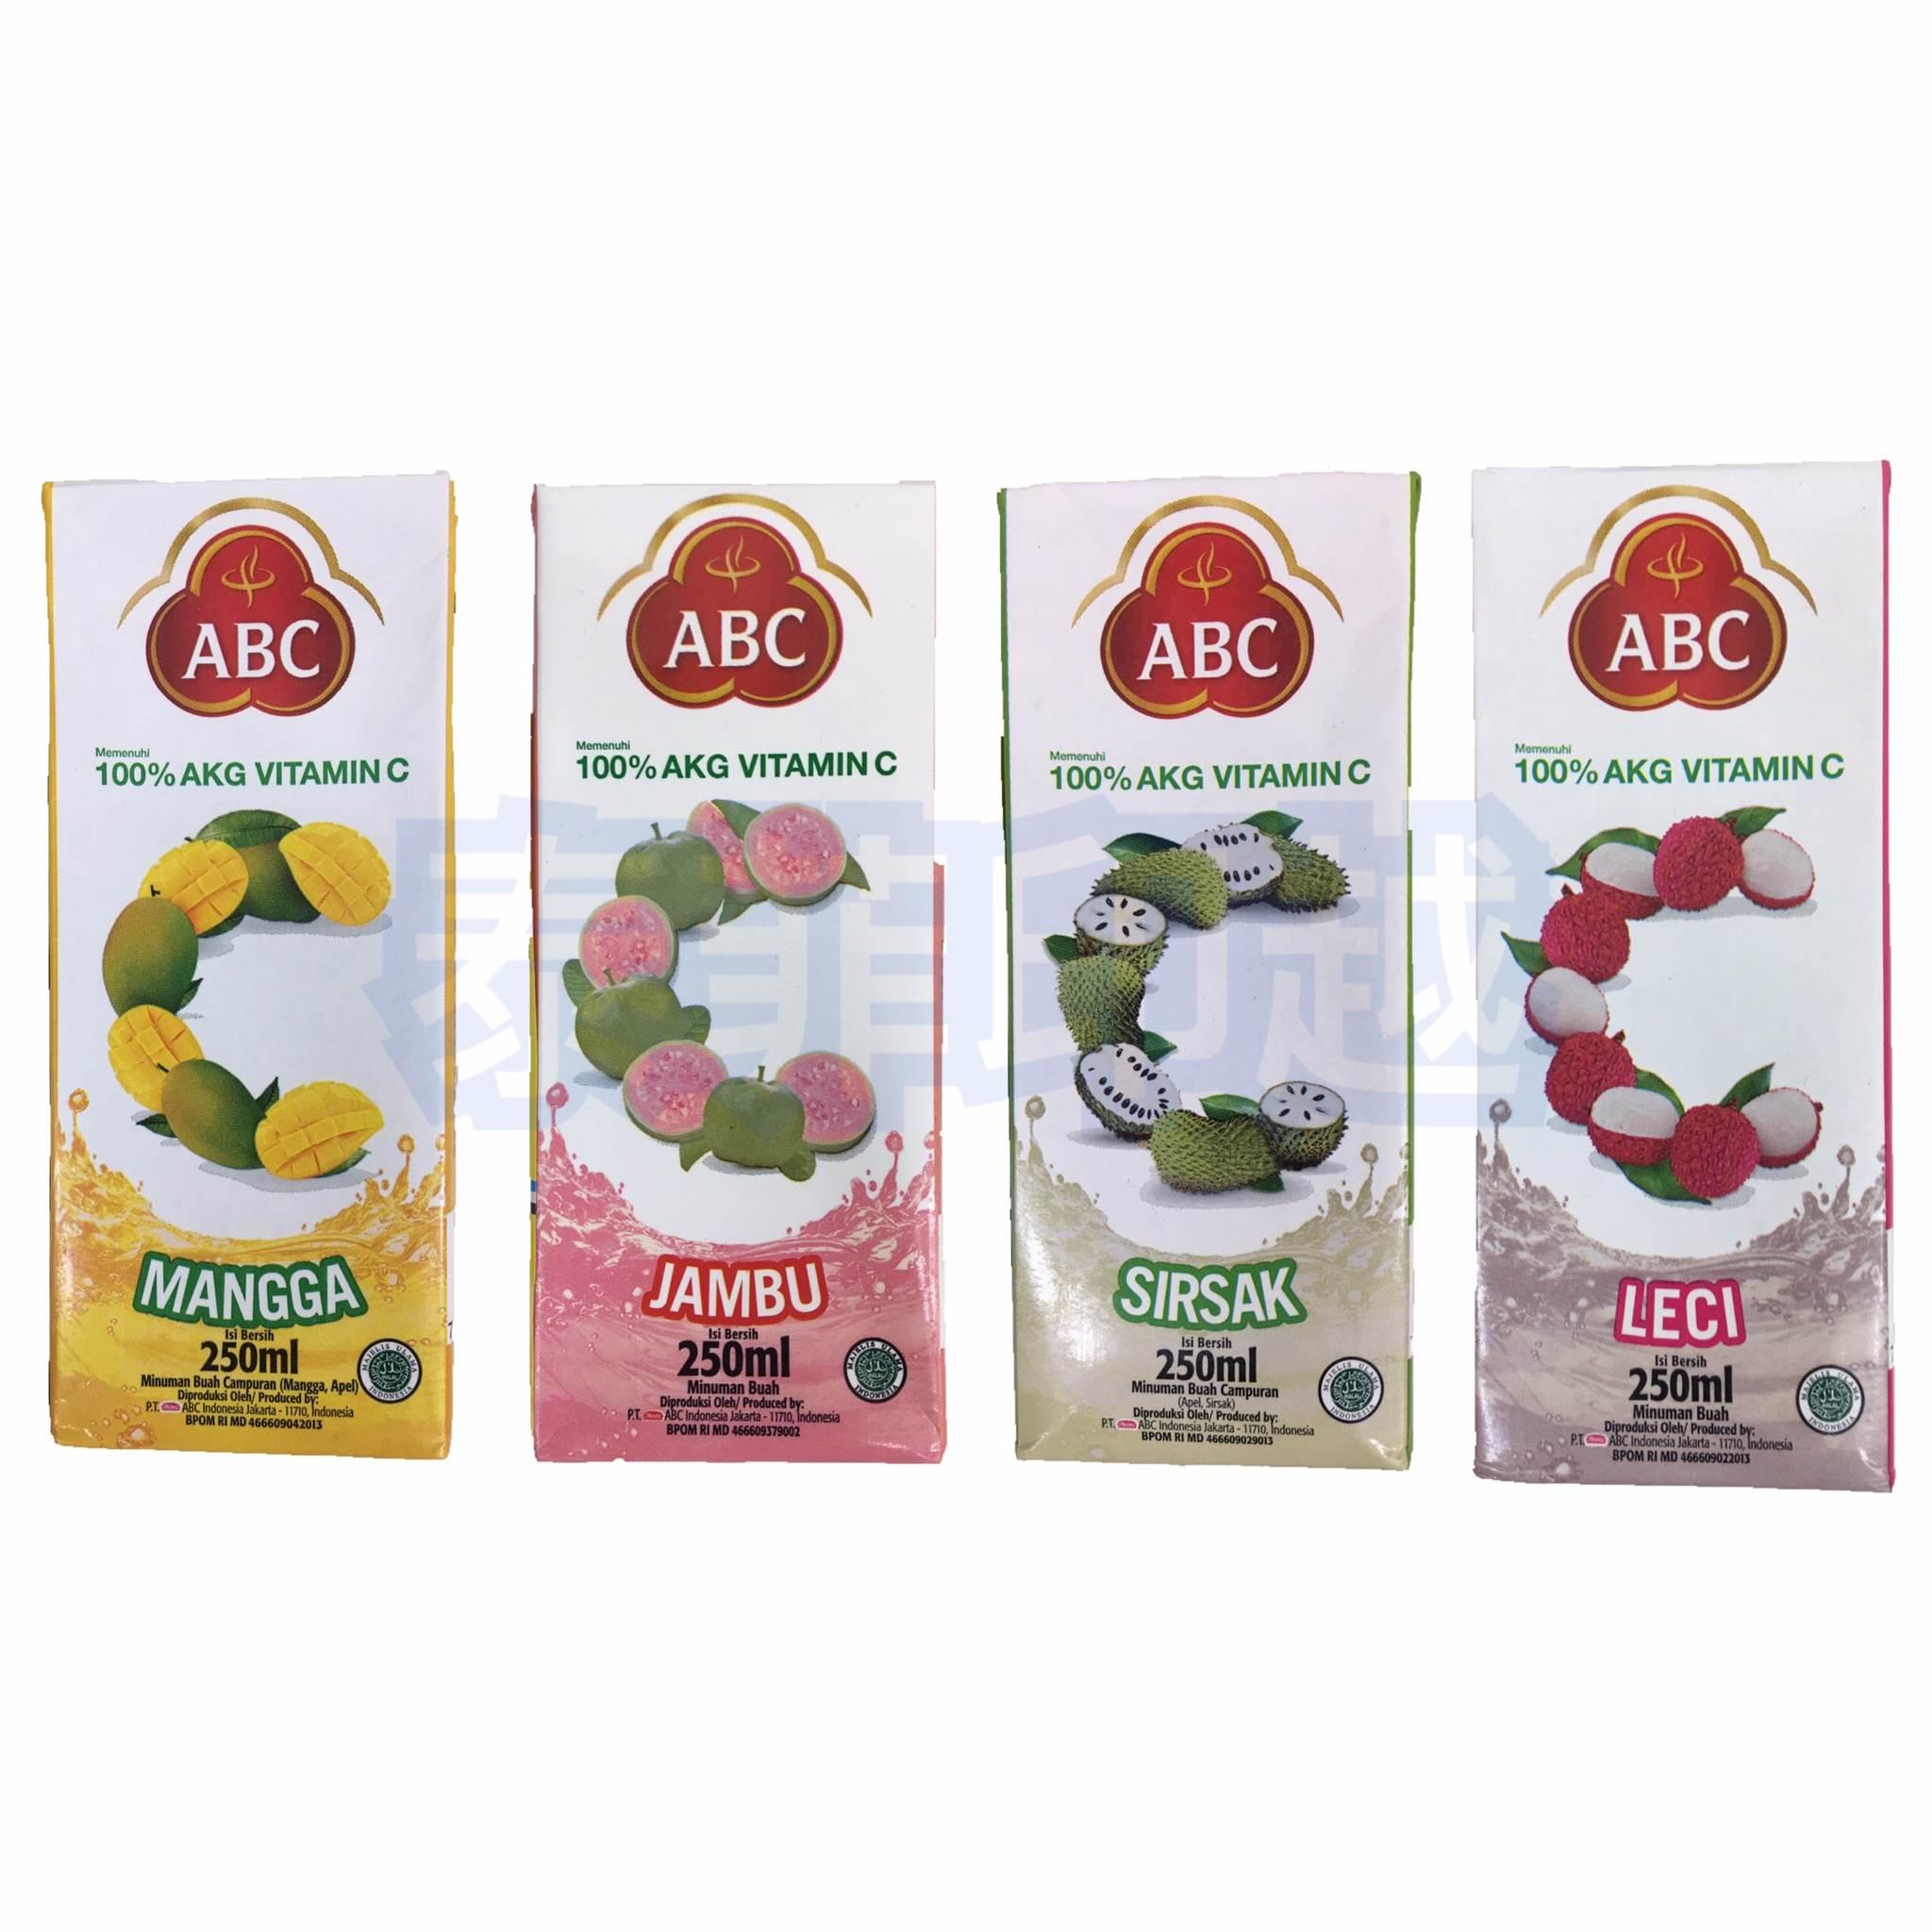 印尼 abc  芒果 番石榴  刺番荔枝 荔枝 果汁